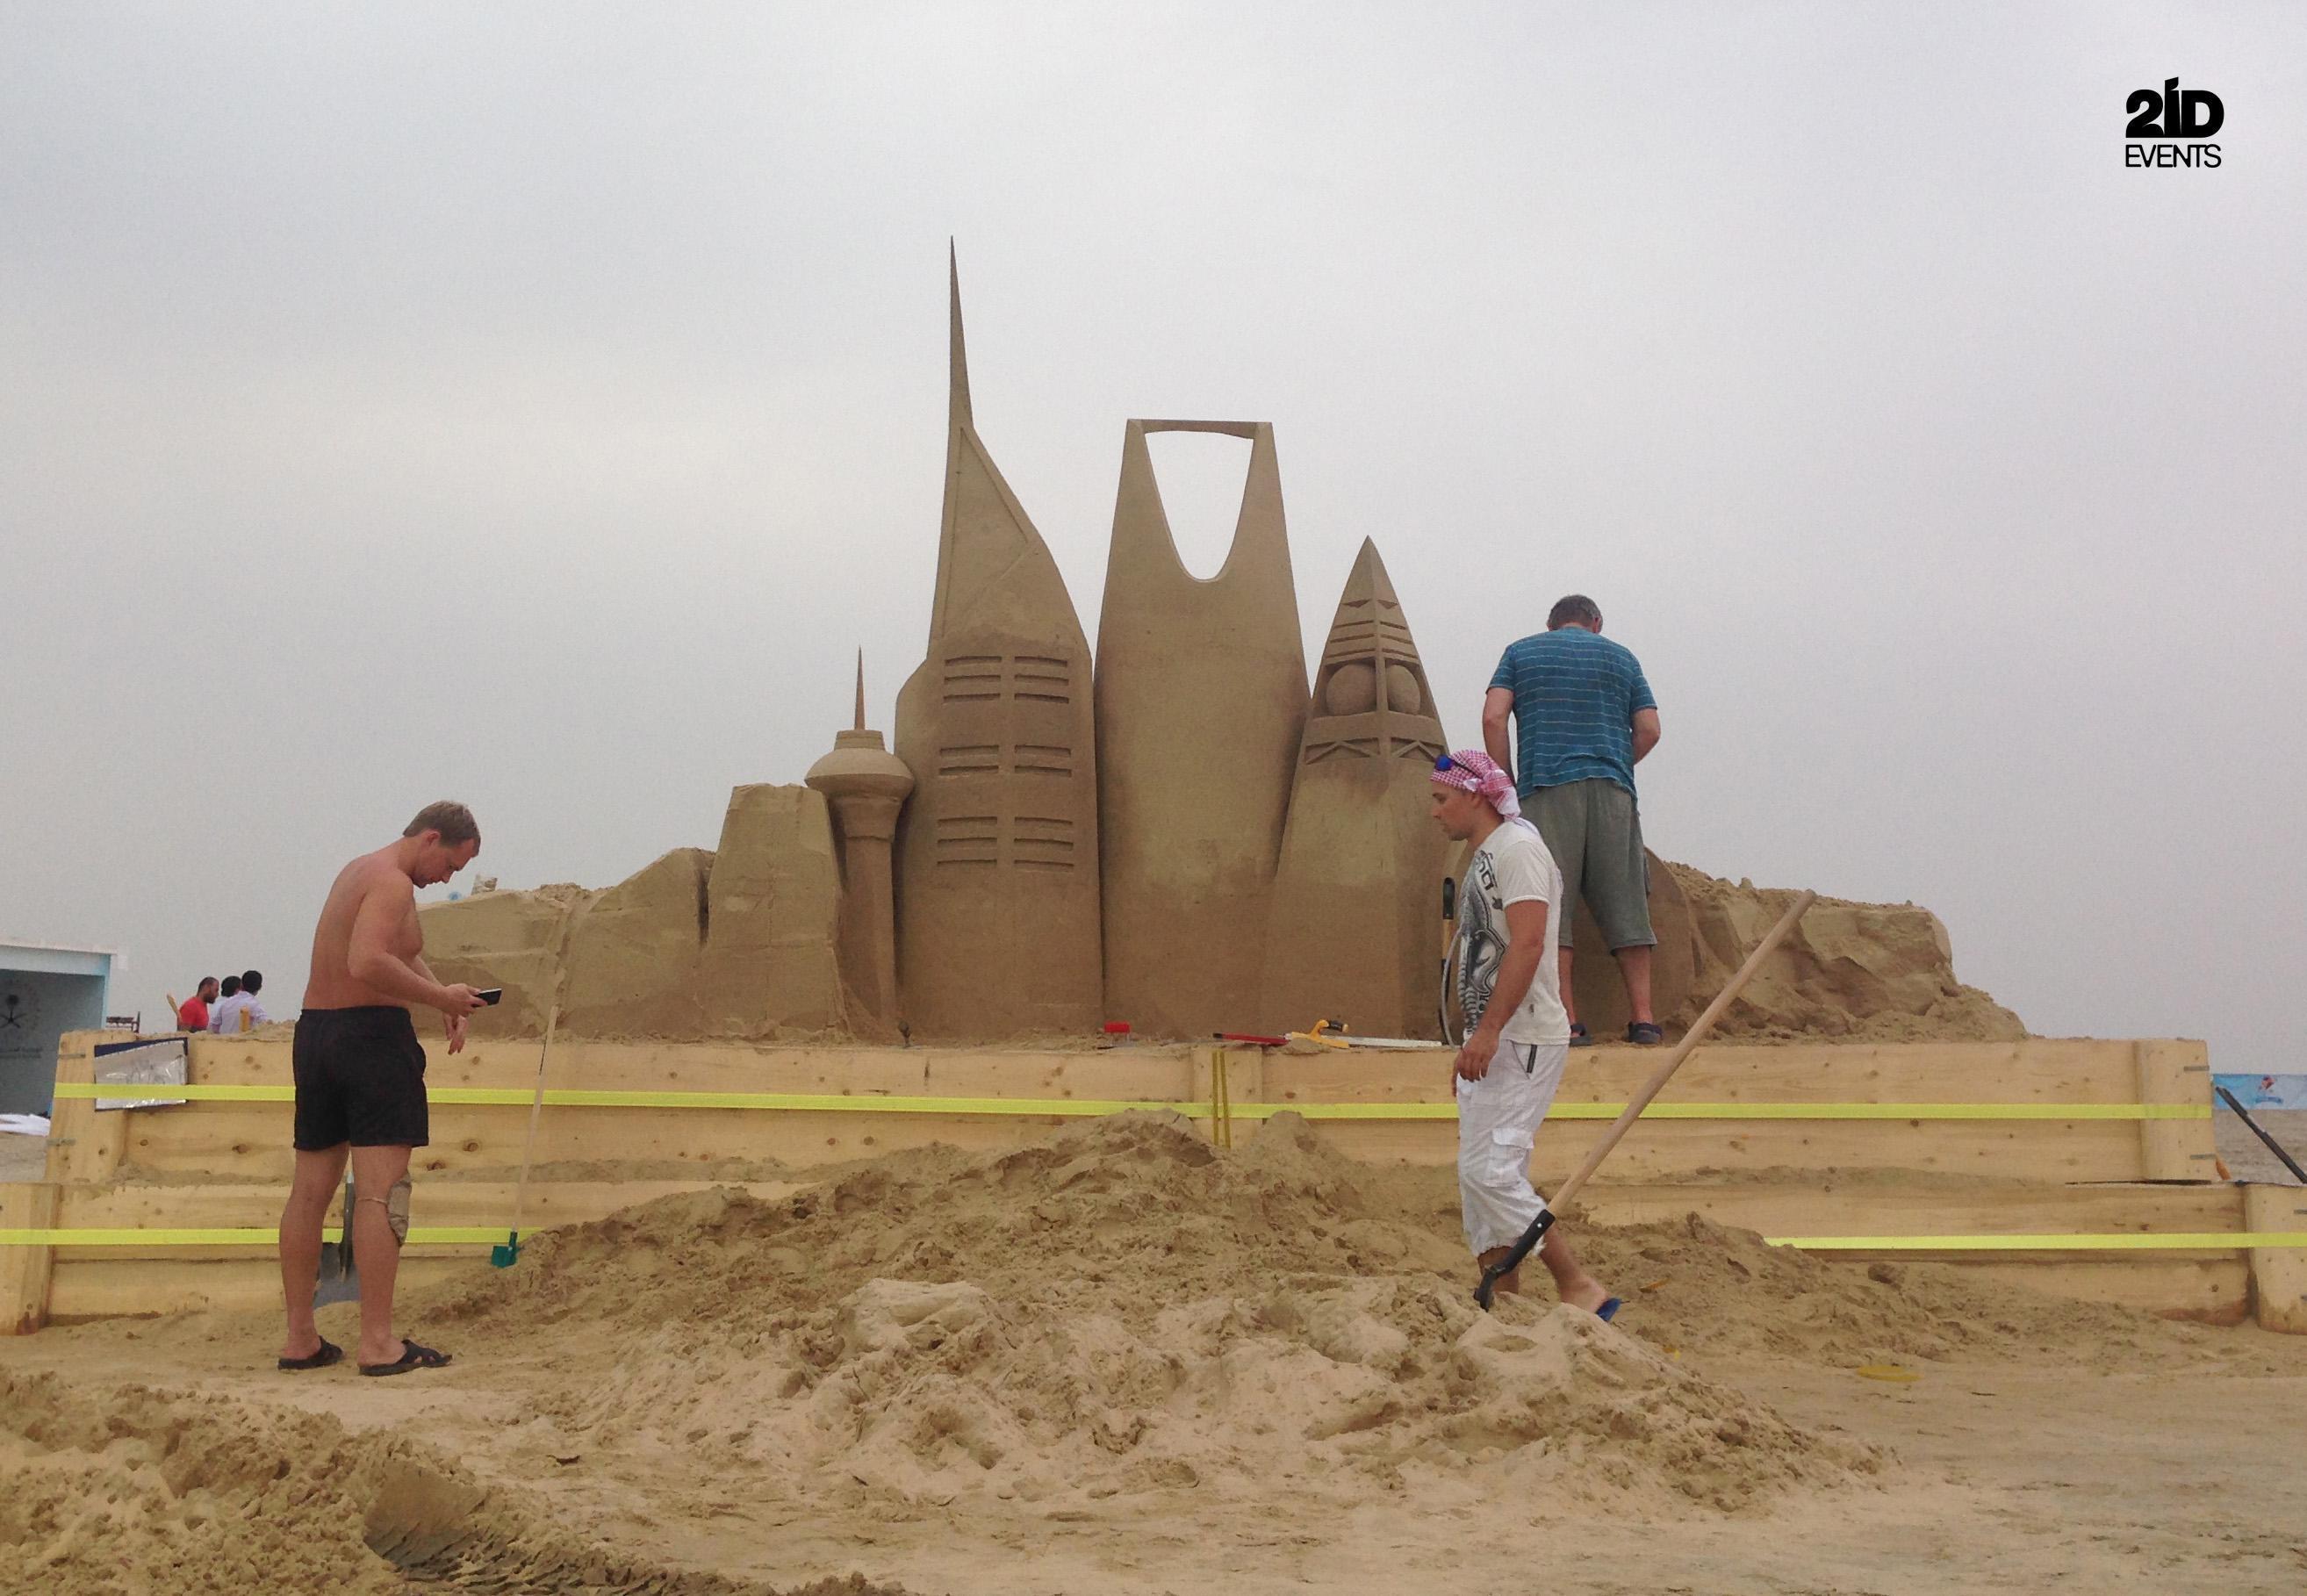 4 33 - SAND SCULPTURE FOR FESTIVAL IN THE KSA